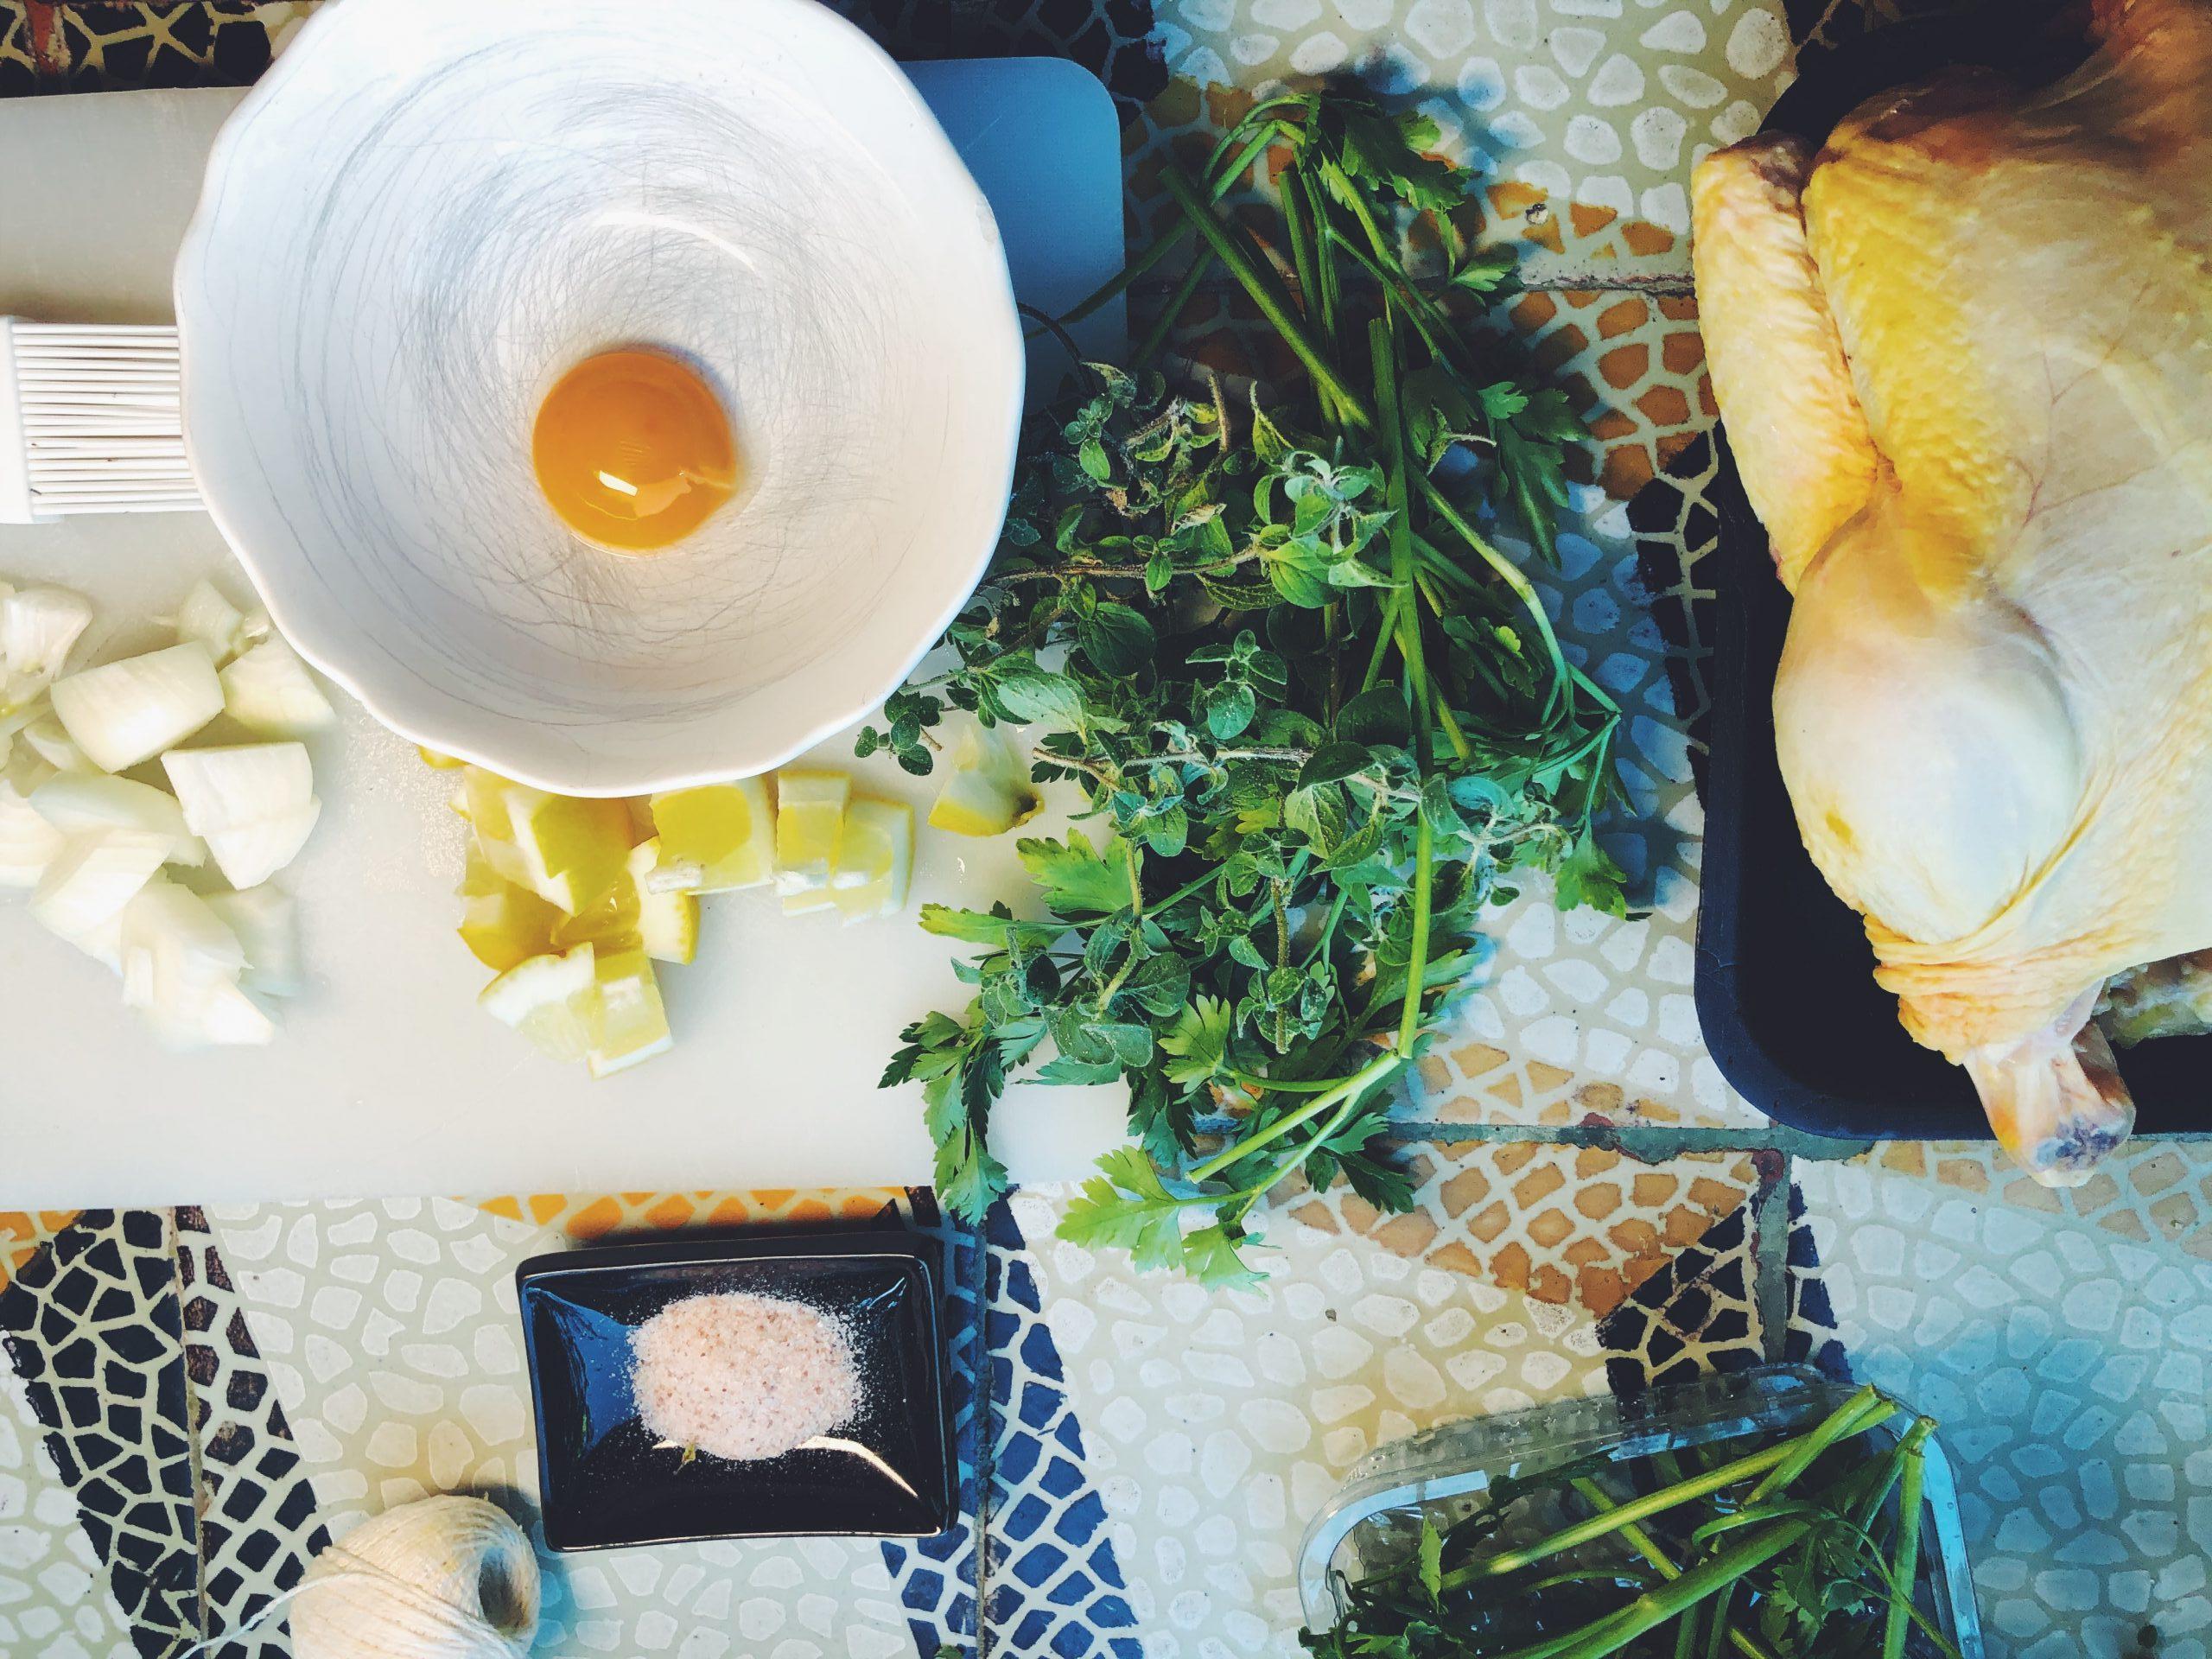 Kurczak pieczony w całości - przygotuj sobie wszystkie składniki